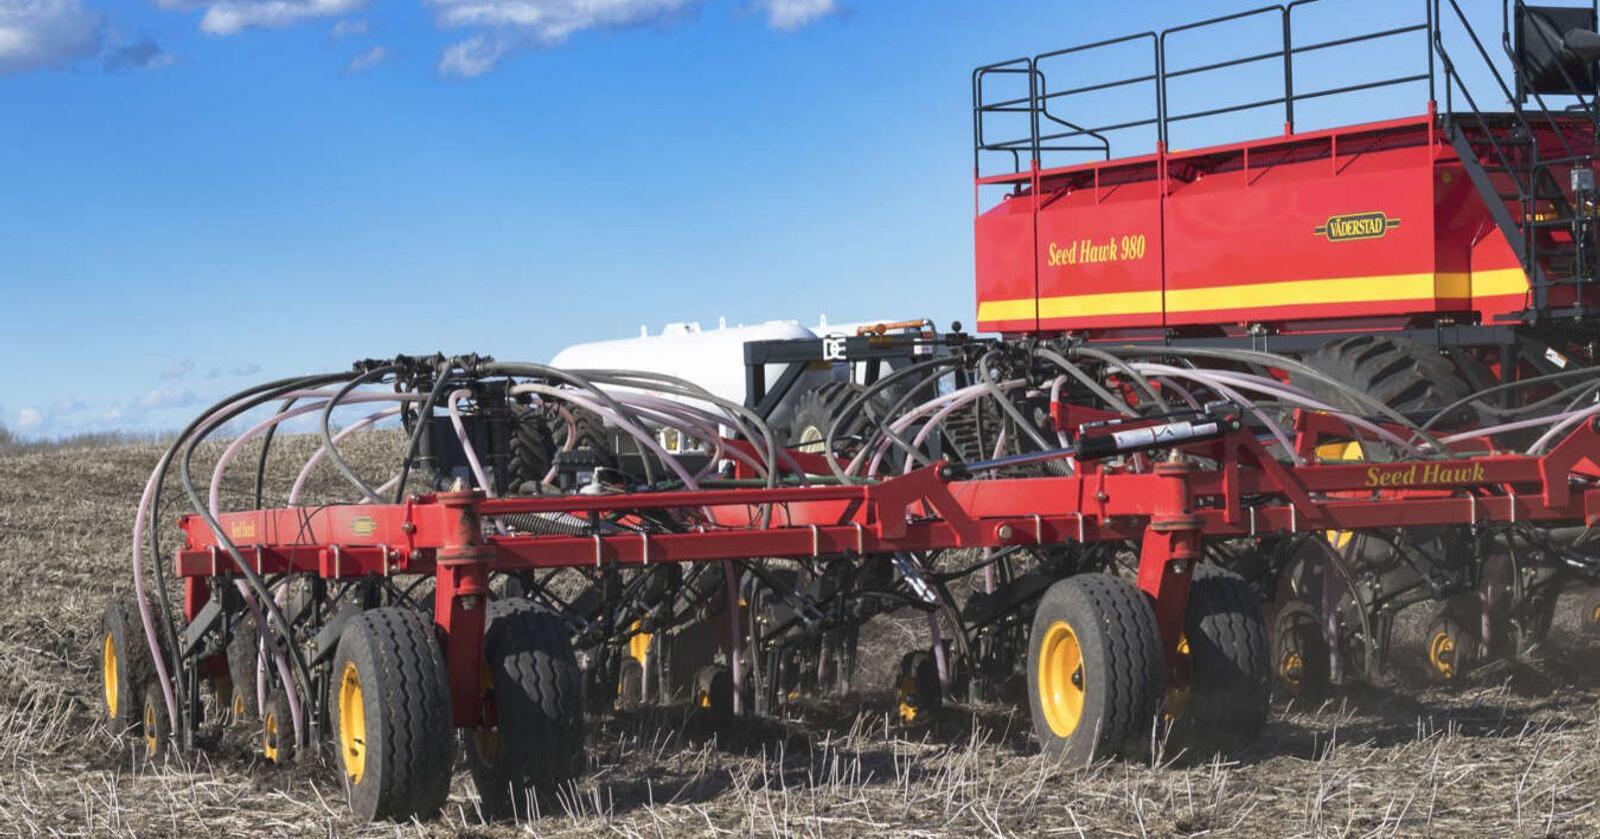 TILSTEDE: Allerede i 2013 tok Väderstad full kontroll over det kanadiske foretaket Seed Hawk. Väderstad Industries Inc har base i Saskatchewan, der de produserer den populære direktesåmaskina SeedHawk for det nordamerikanske markedet. Nå utvider de videre ved å kjøpe AGCO-Amity i Nort Dakota. Foto: Väderstad.